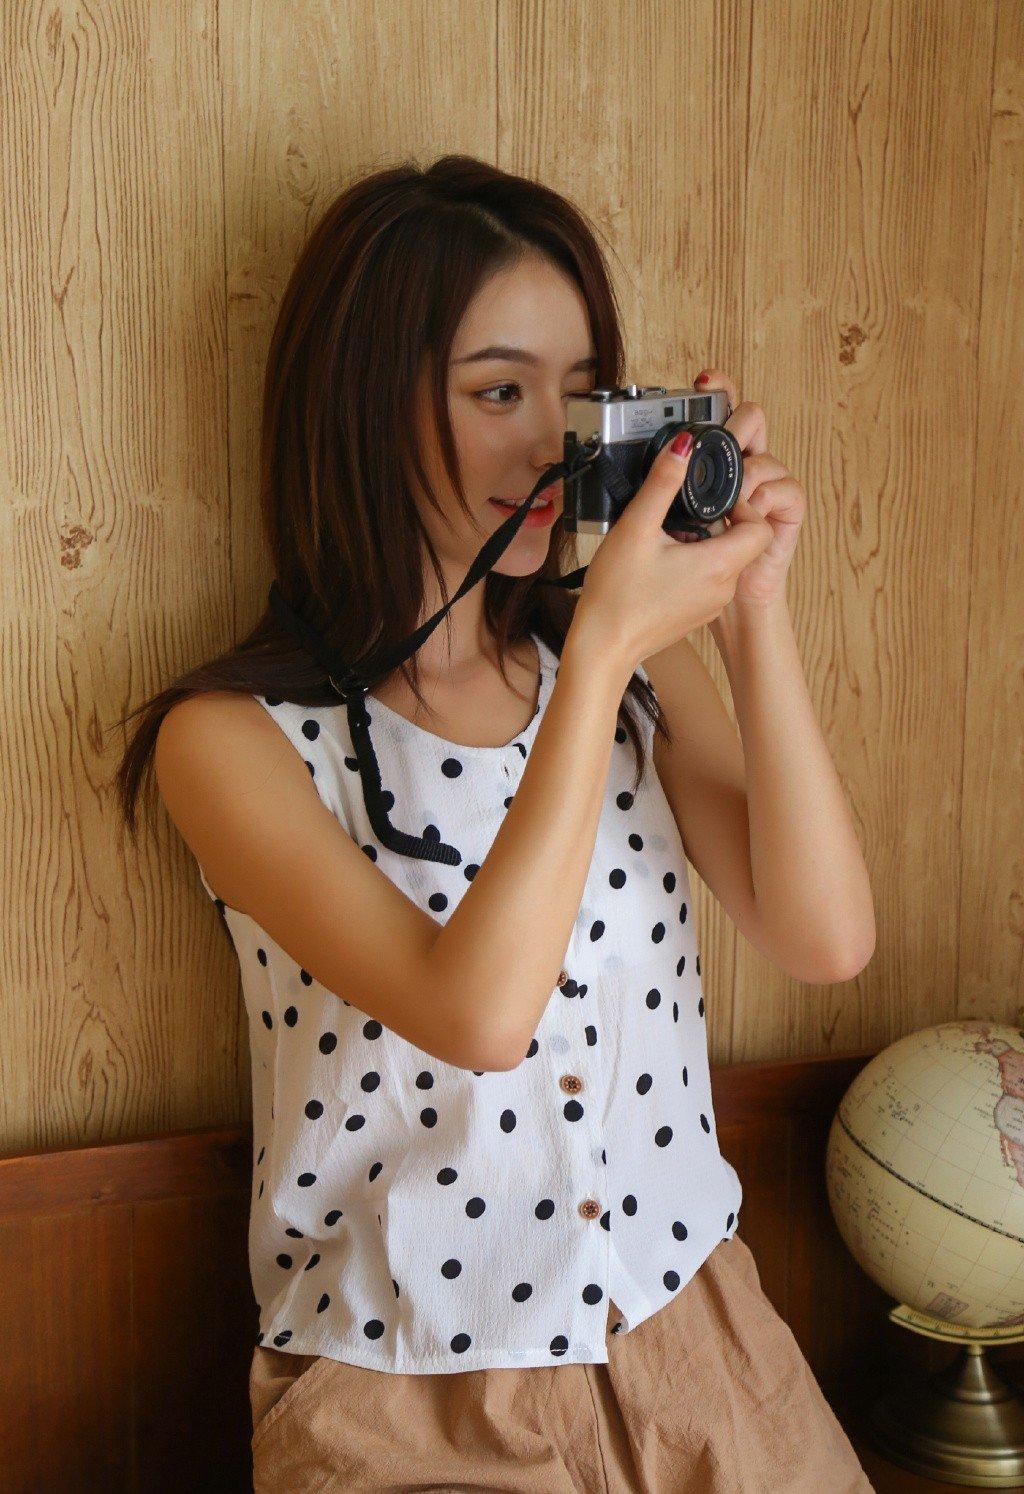 漂亮美女小姐姐俊俏性感美女模特写真